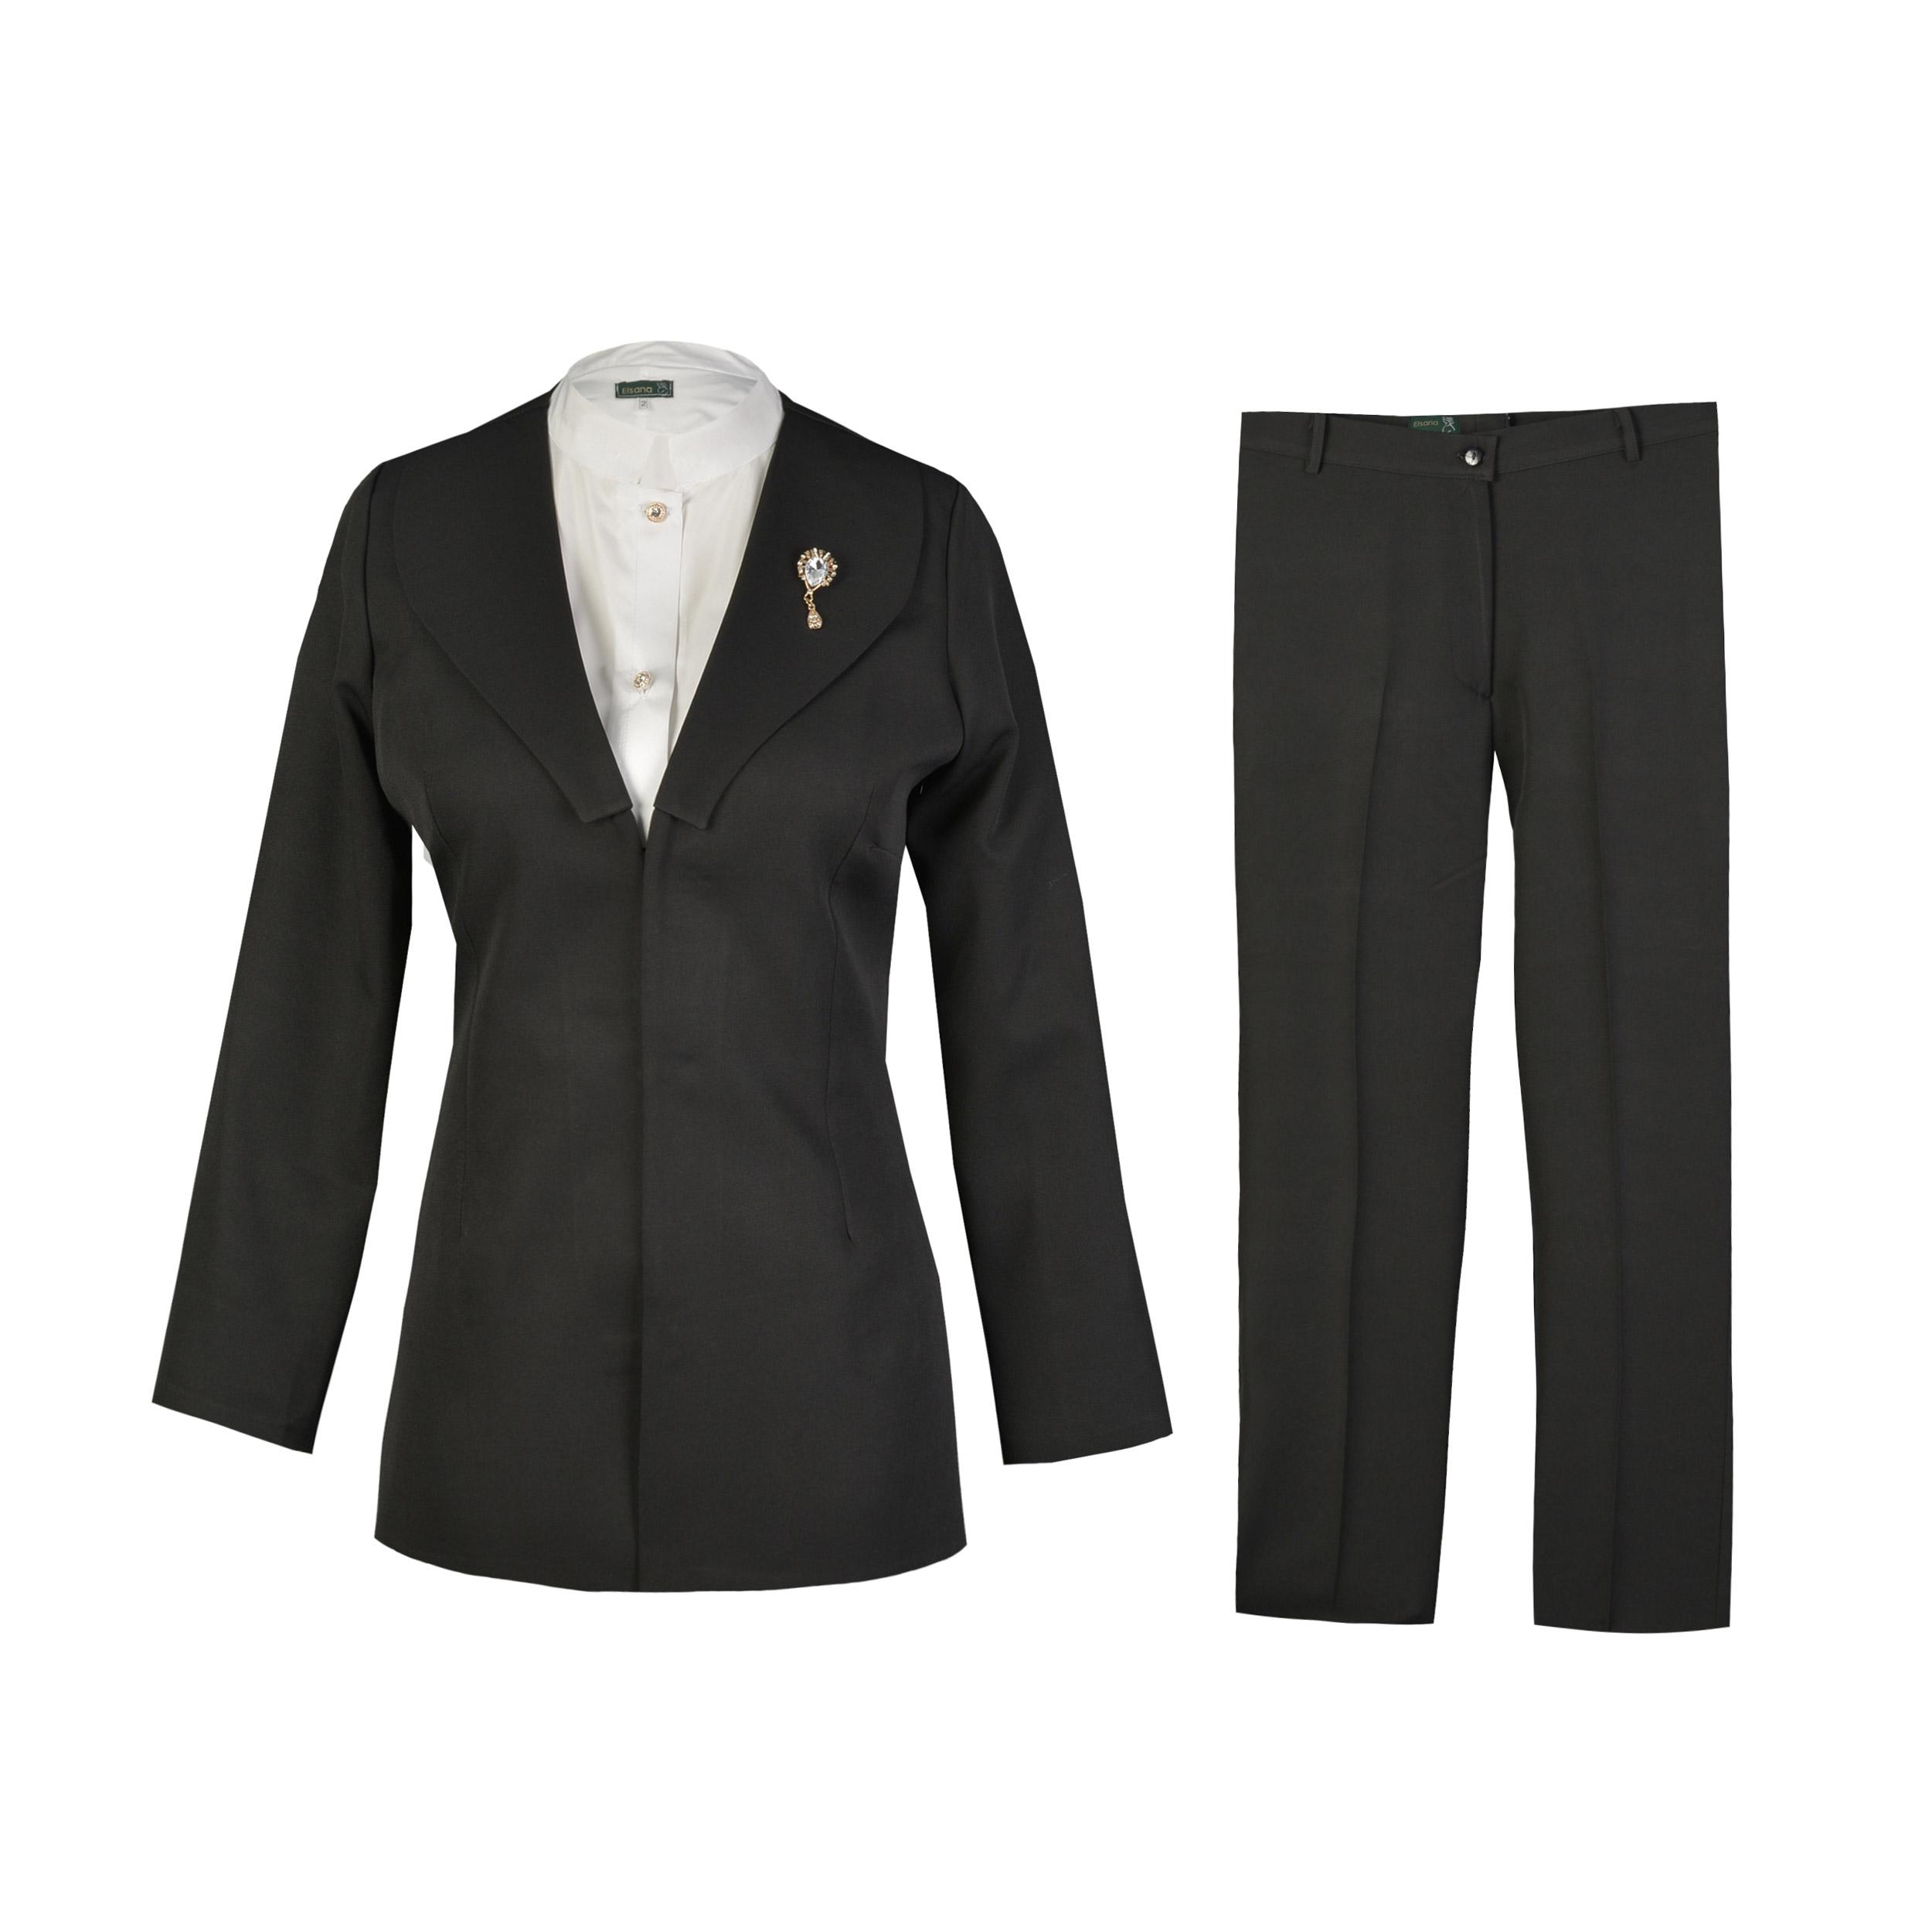 ست 3 تکه لباس زنانه السانا مدل آرنیکا کد 67901